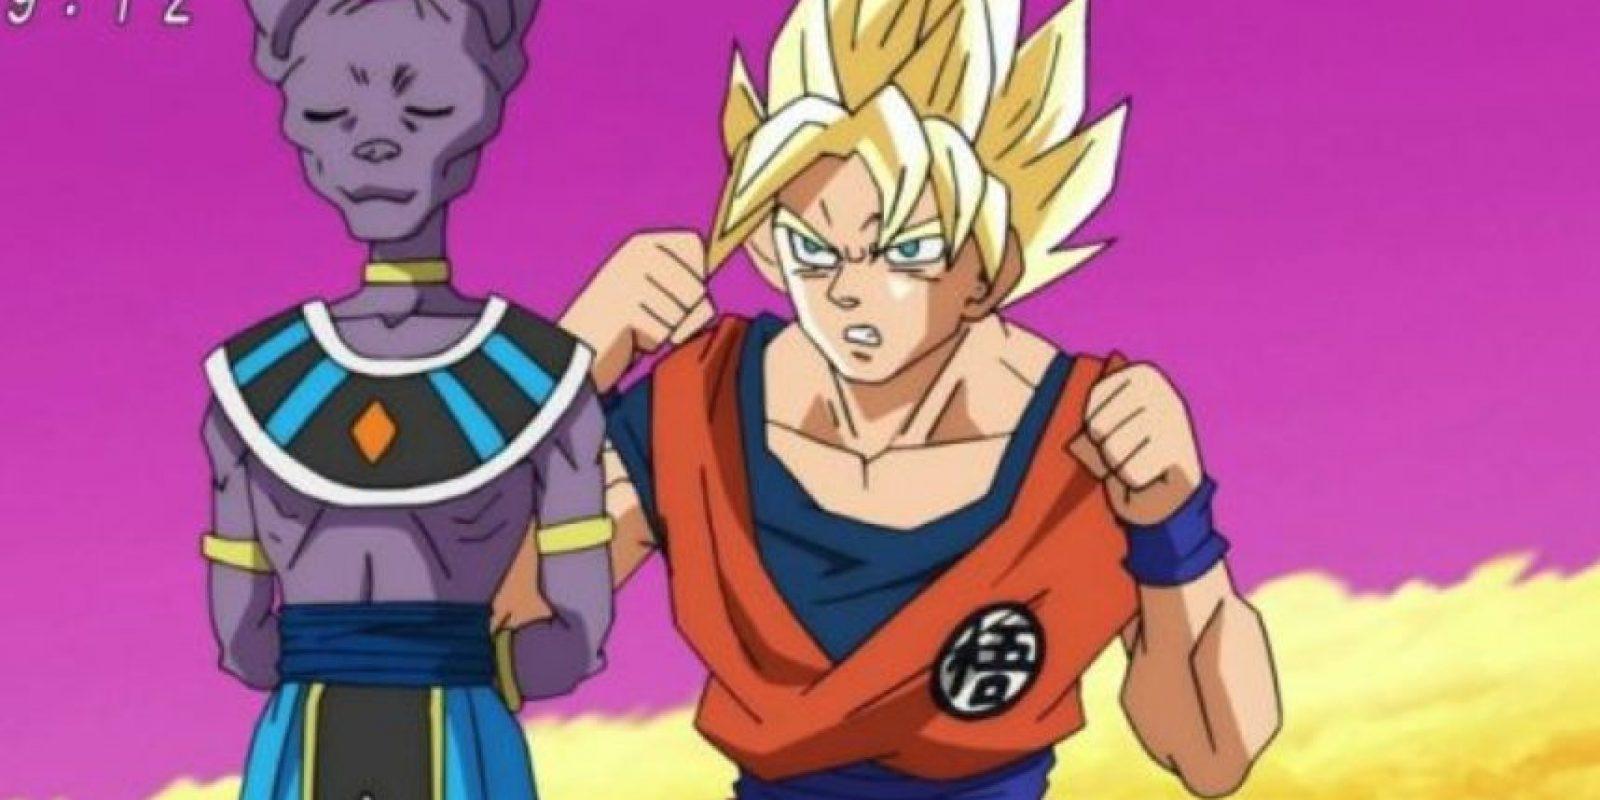 Los fans criticaron la pésima animación. Foto:vía Toei